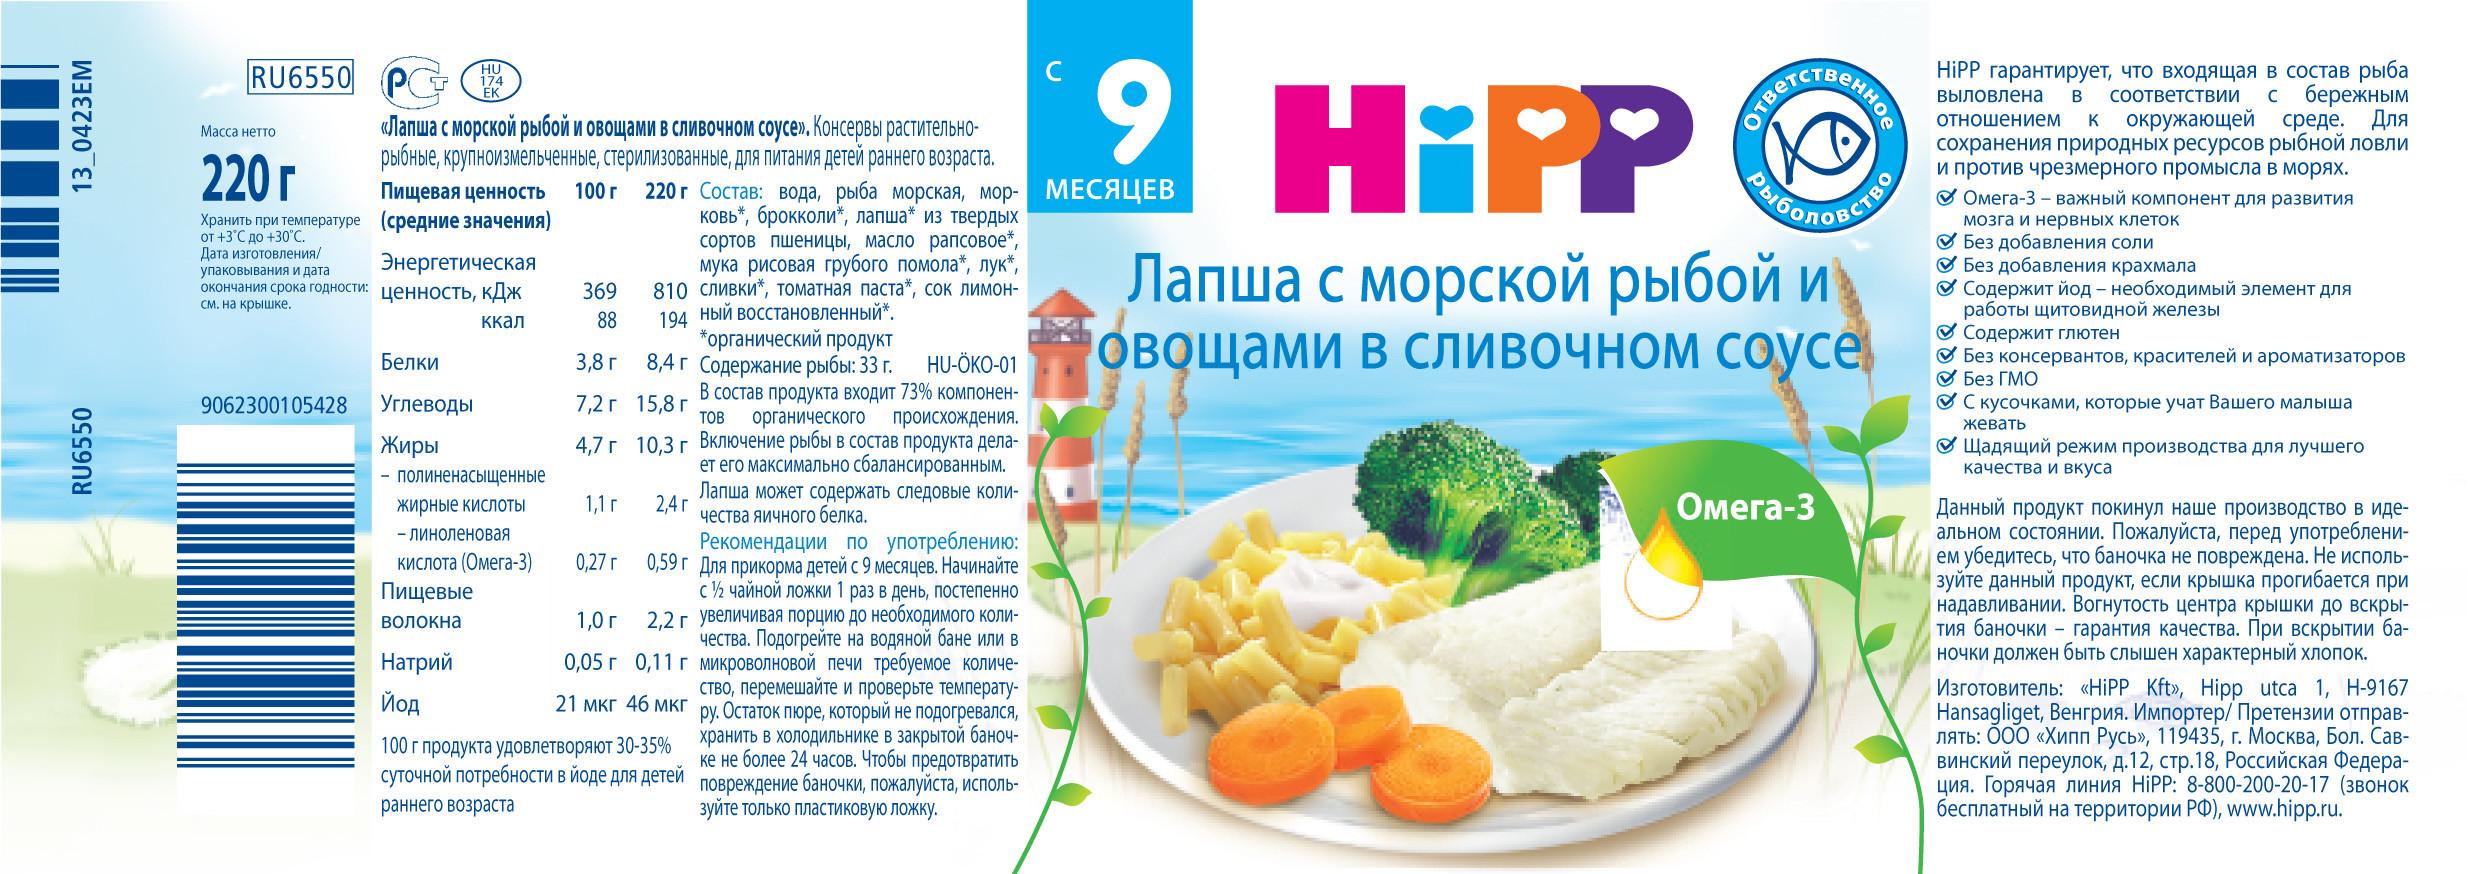 Пюре HIPP HiPP Лапша с морской рыбой и овощами в сливочном соусе (с 9 месяцев) 220 г hipp пюре лапша с морской рыбой и овощами в сливочном соусе с 9 месяцев 220 г